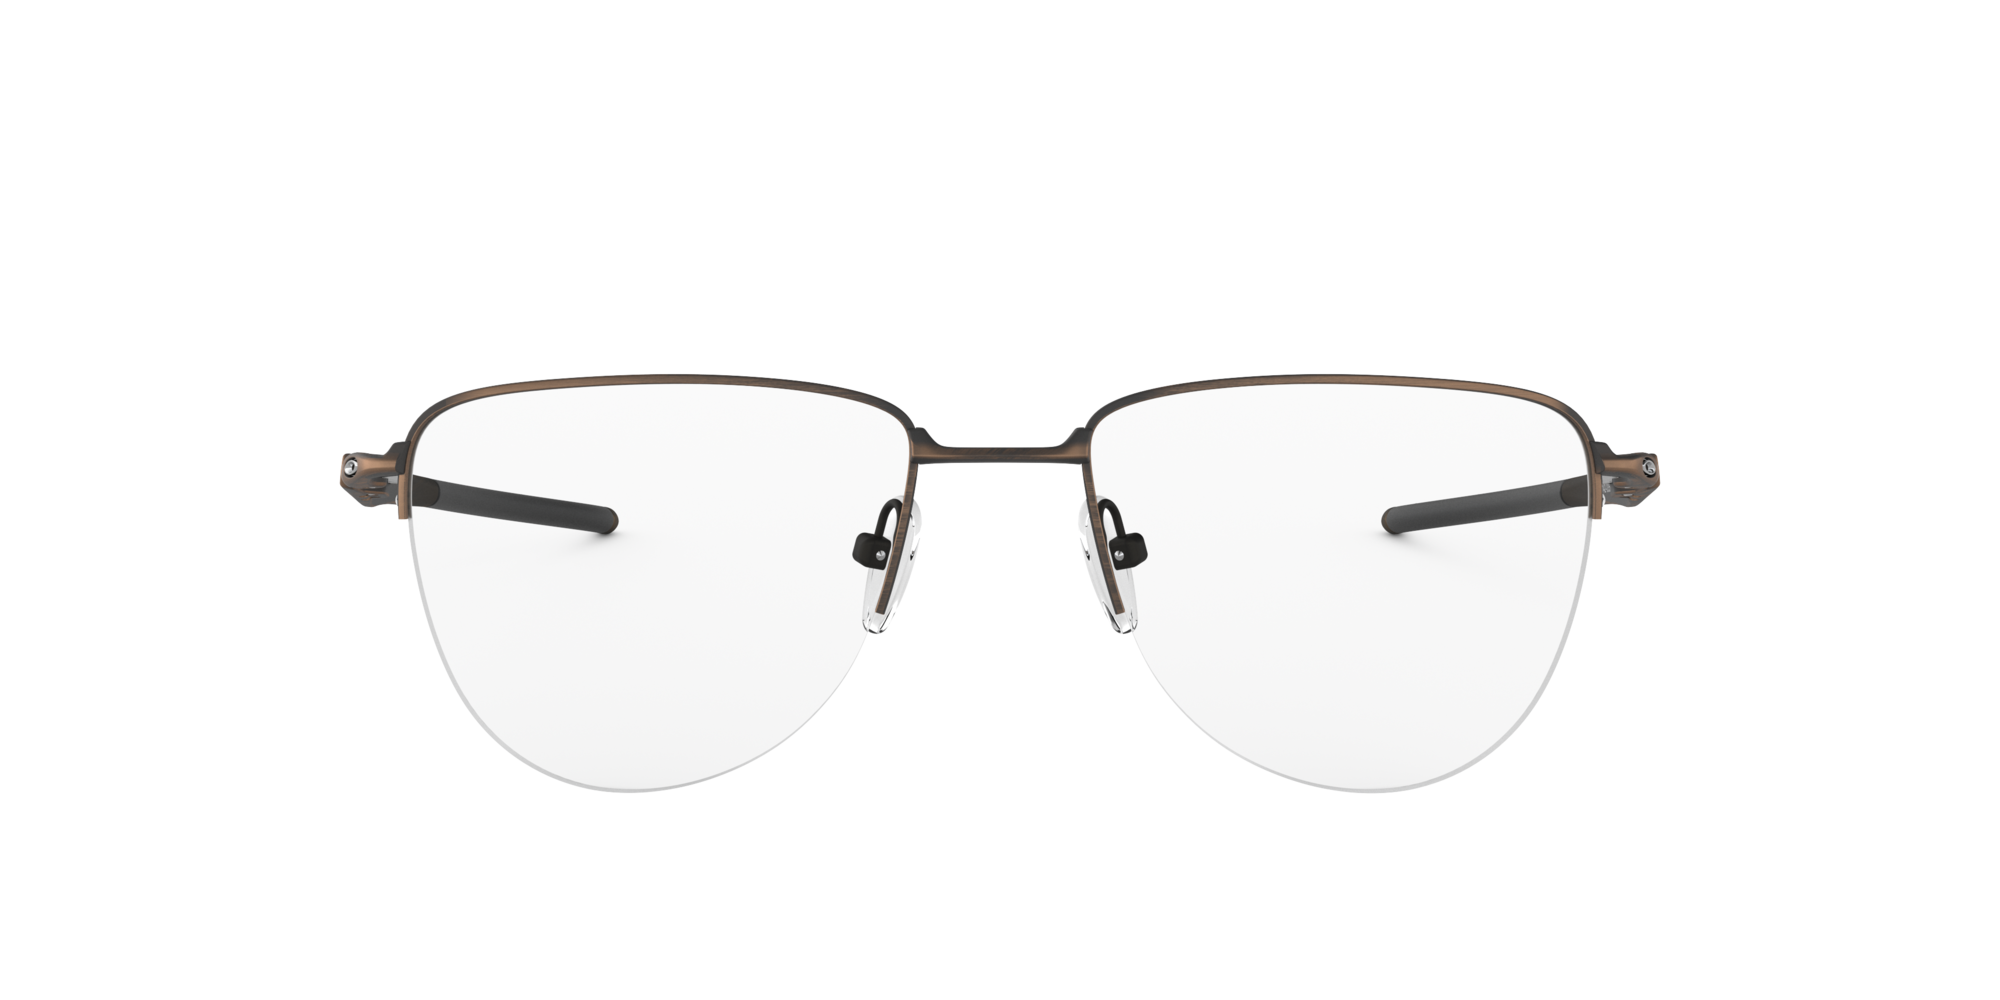 Imagen para OX5142 Plier de LensCrafters    Espejuelos, espejuelos graduados en línea, gafas